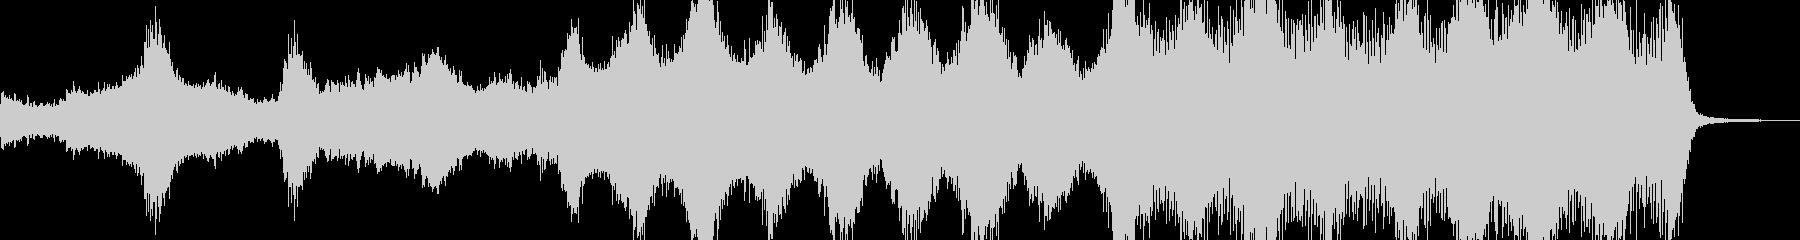 アンデッド・血生臭いホラーを演出 B3の未再生の波形